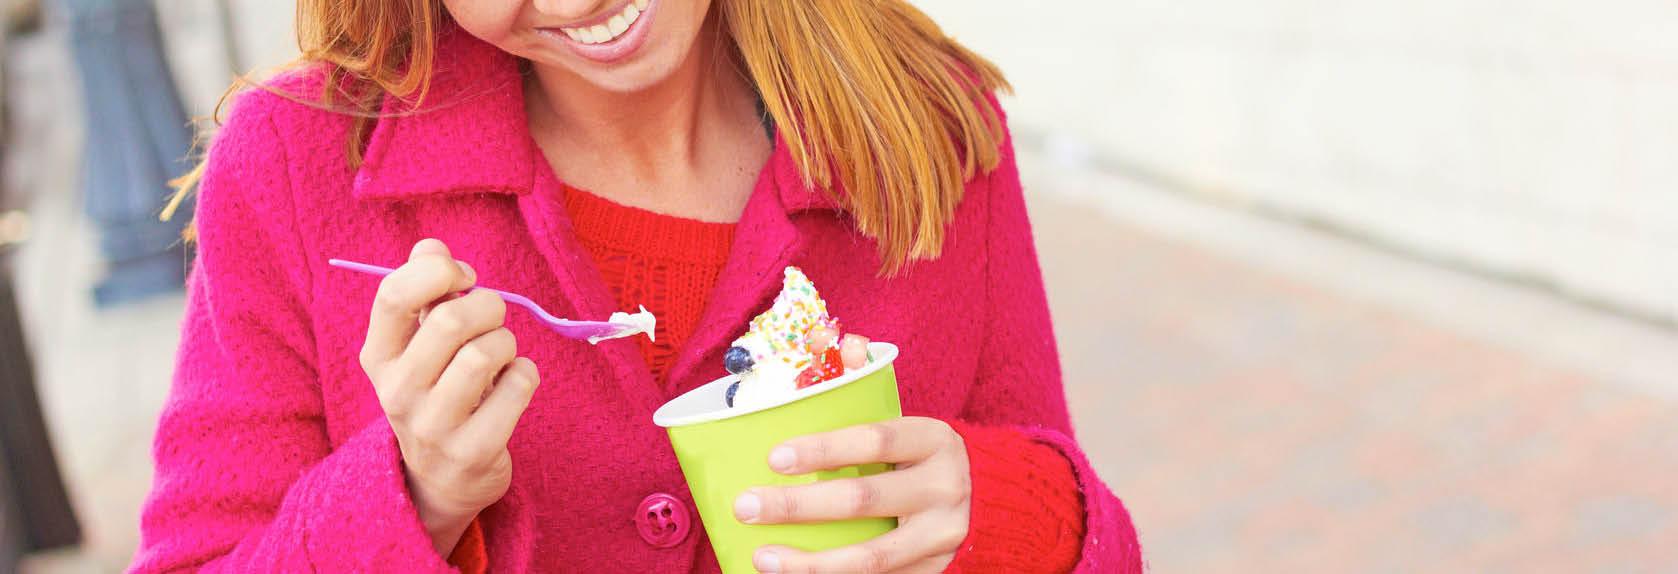 menchie's frozen yogurt photo